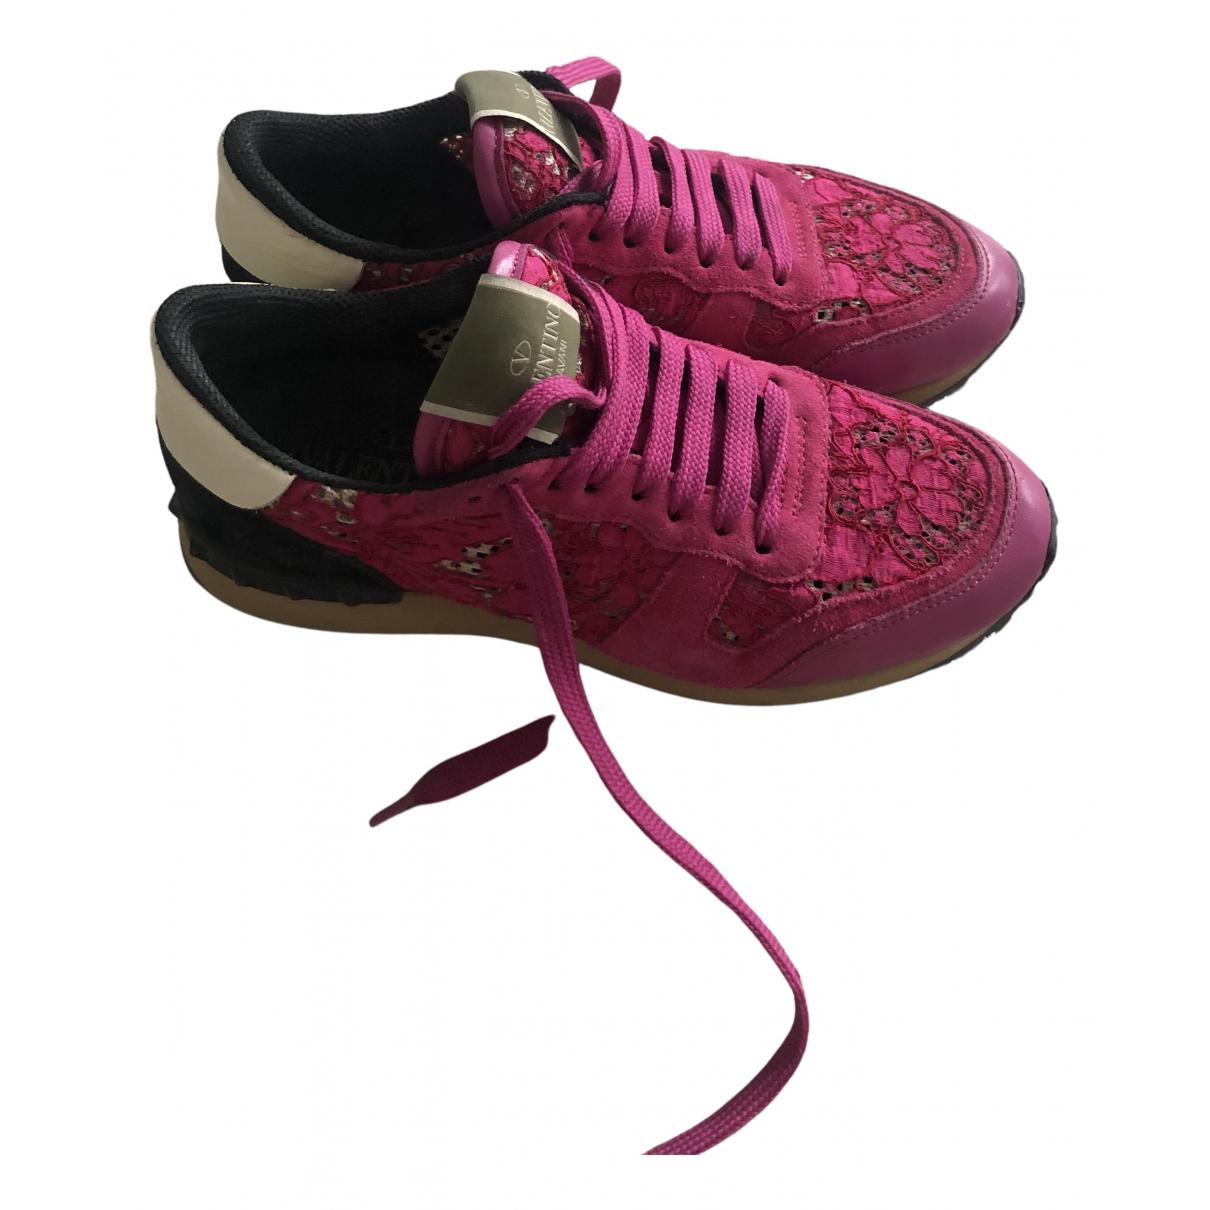 Valentino Garavani - Baskets Rockrunner pour femme en toile - rose